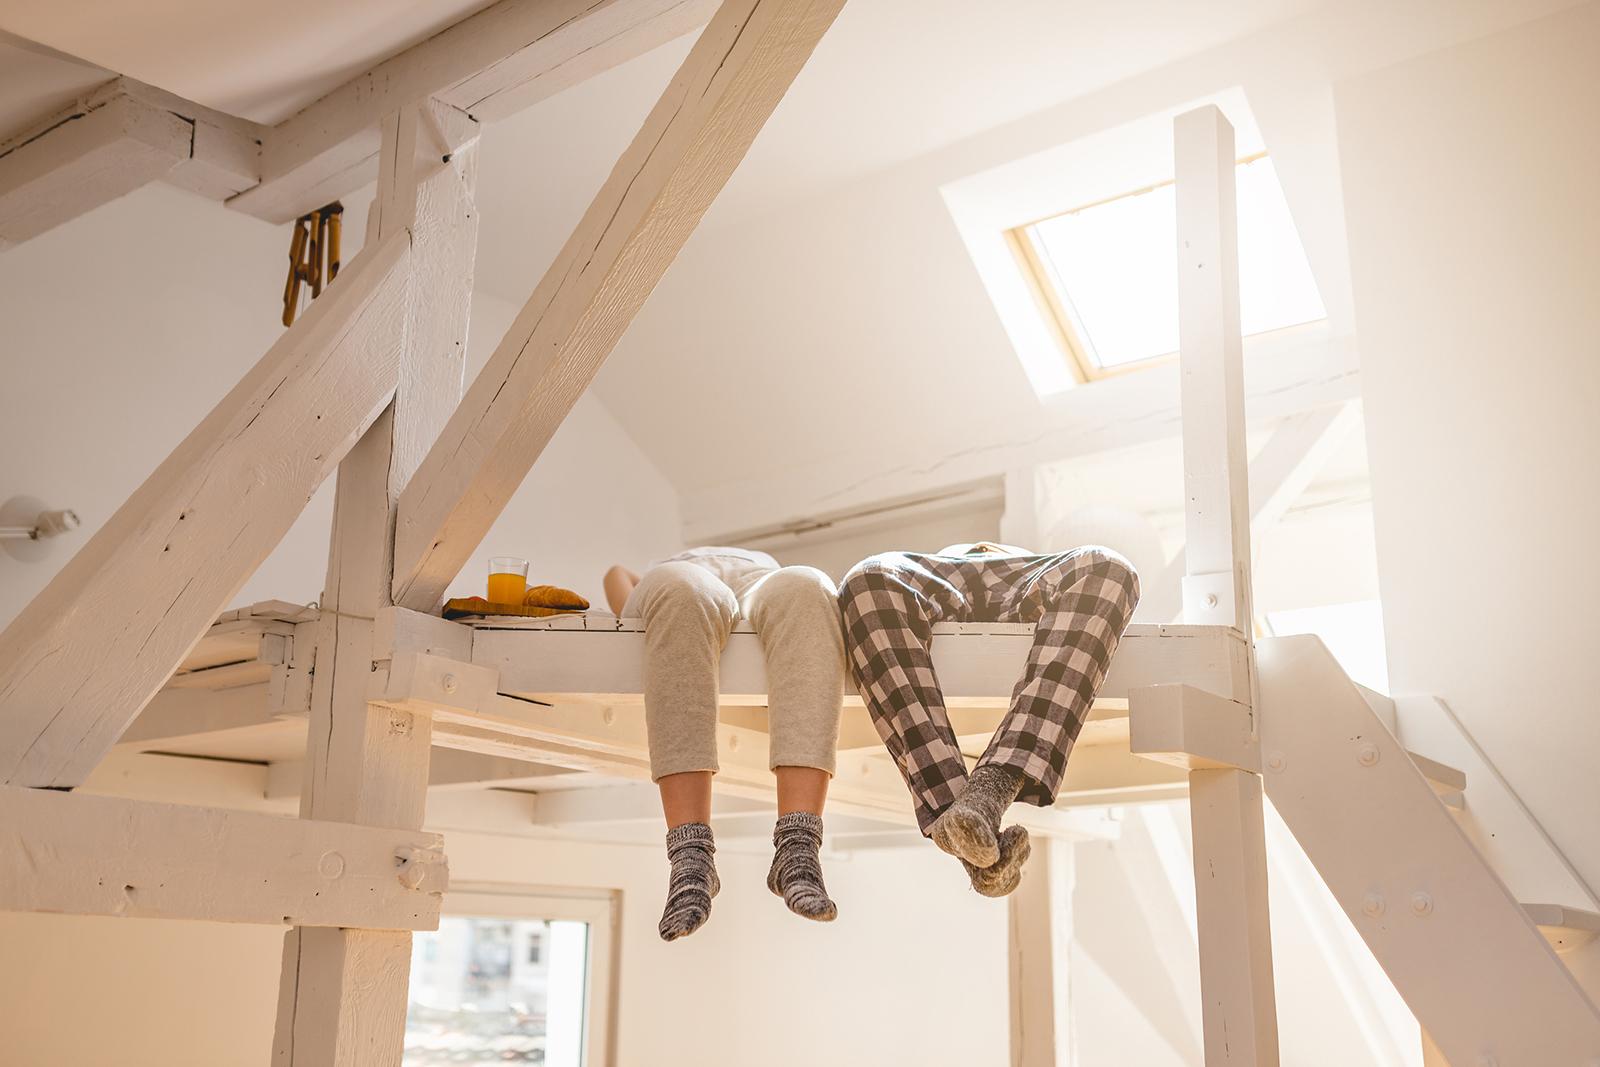 Luftig locker: Mit Zwischenebenen lässt sich der Raum bis in die Spitze nutzen.